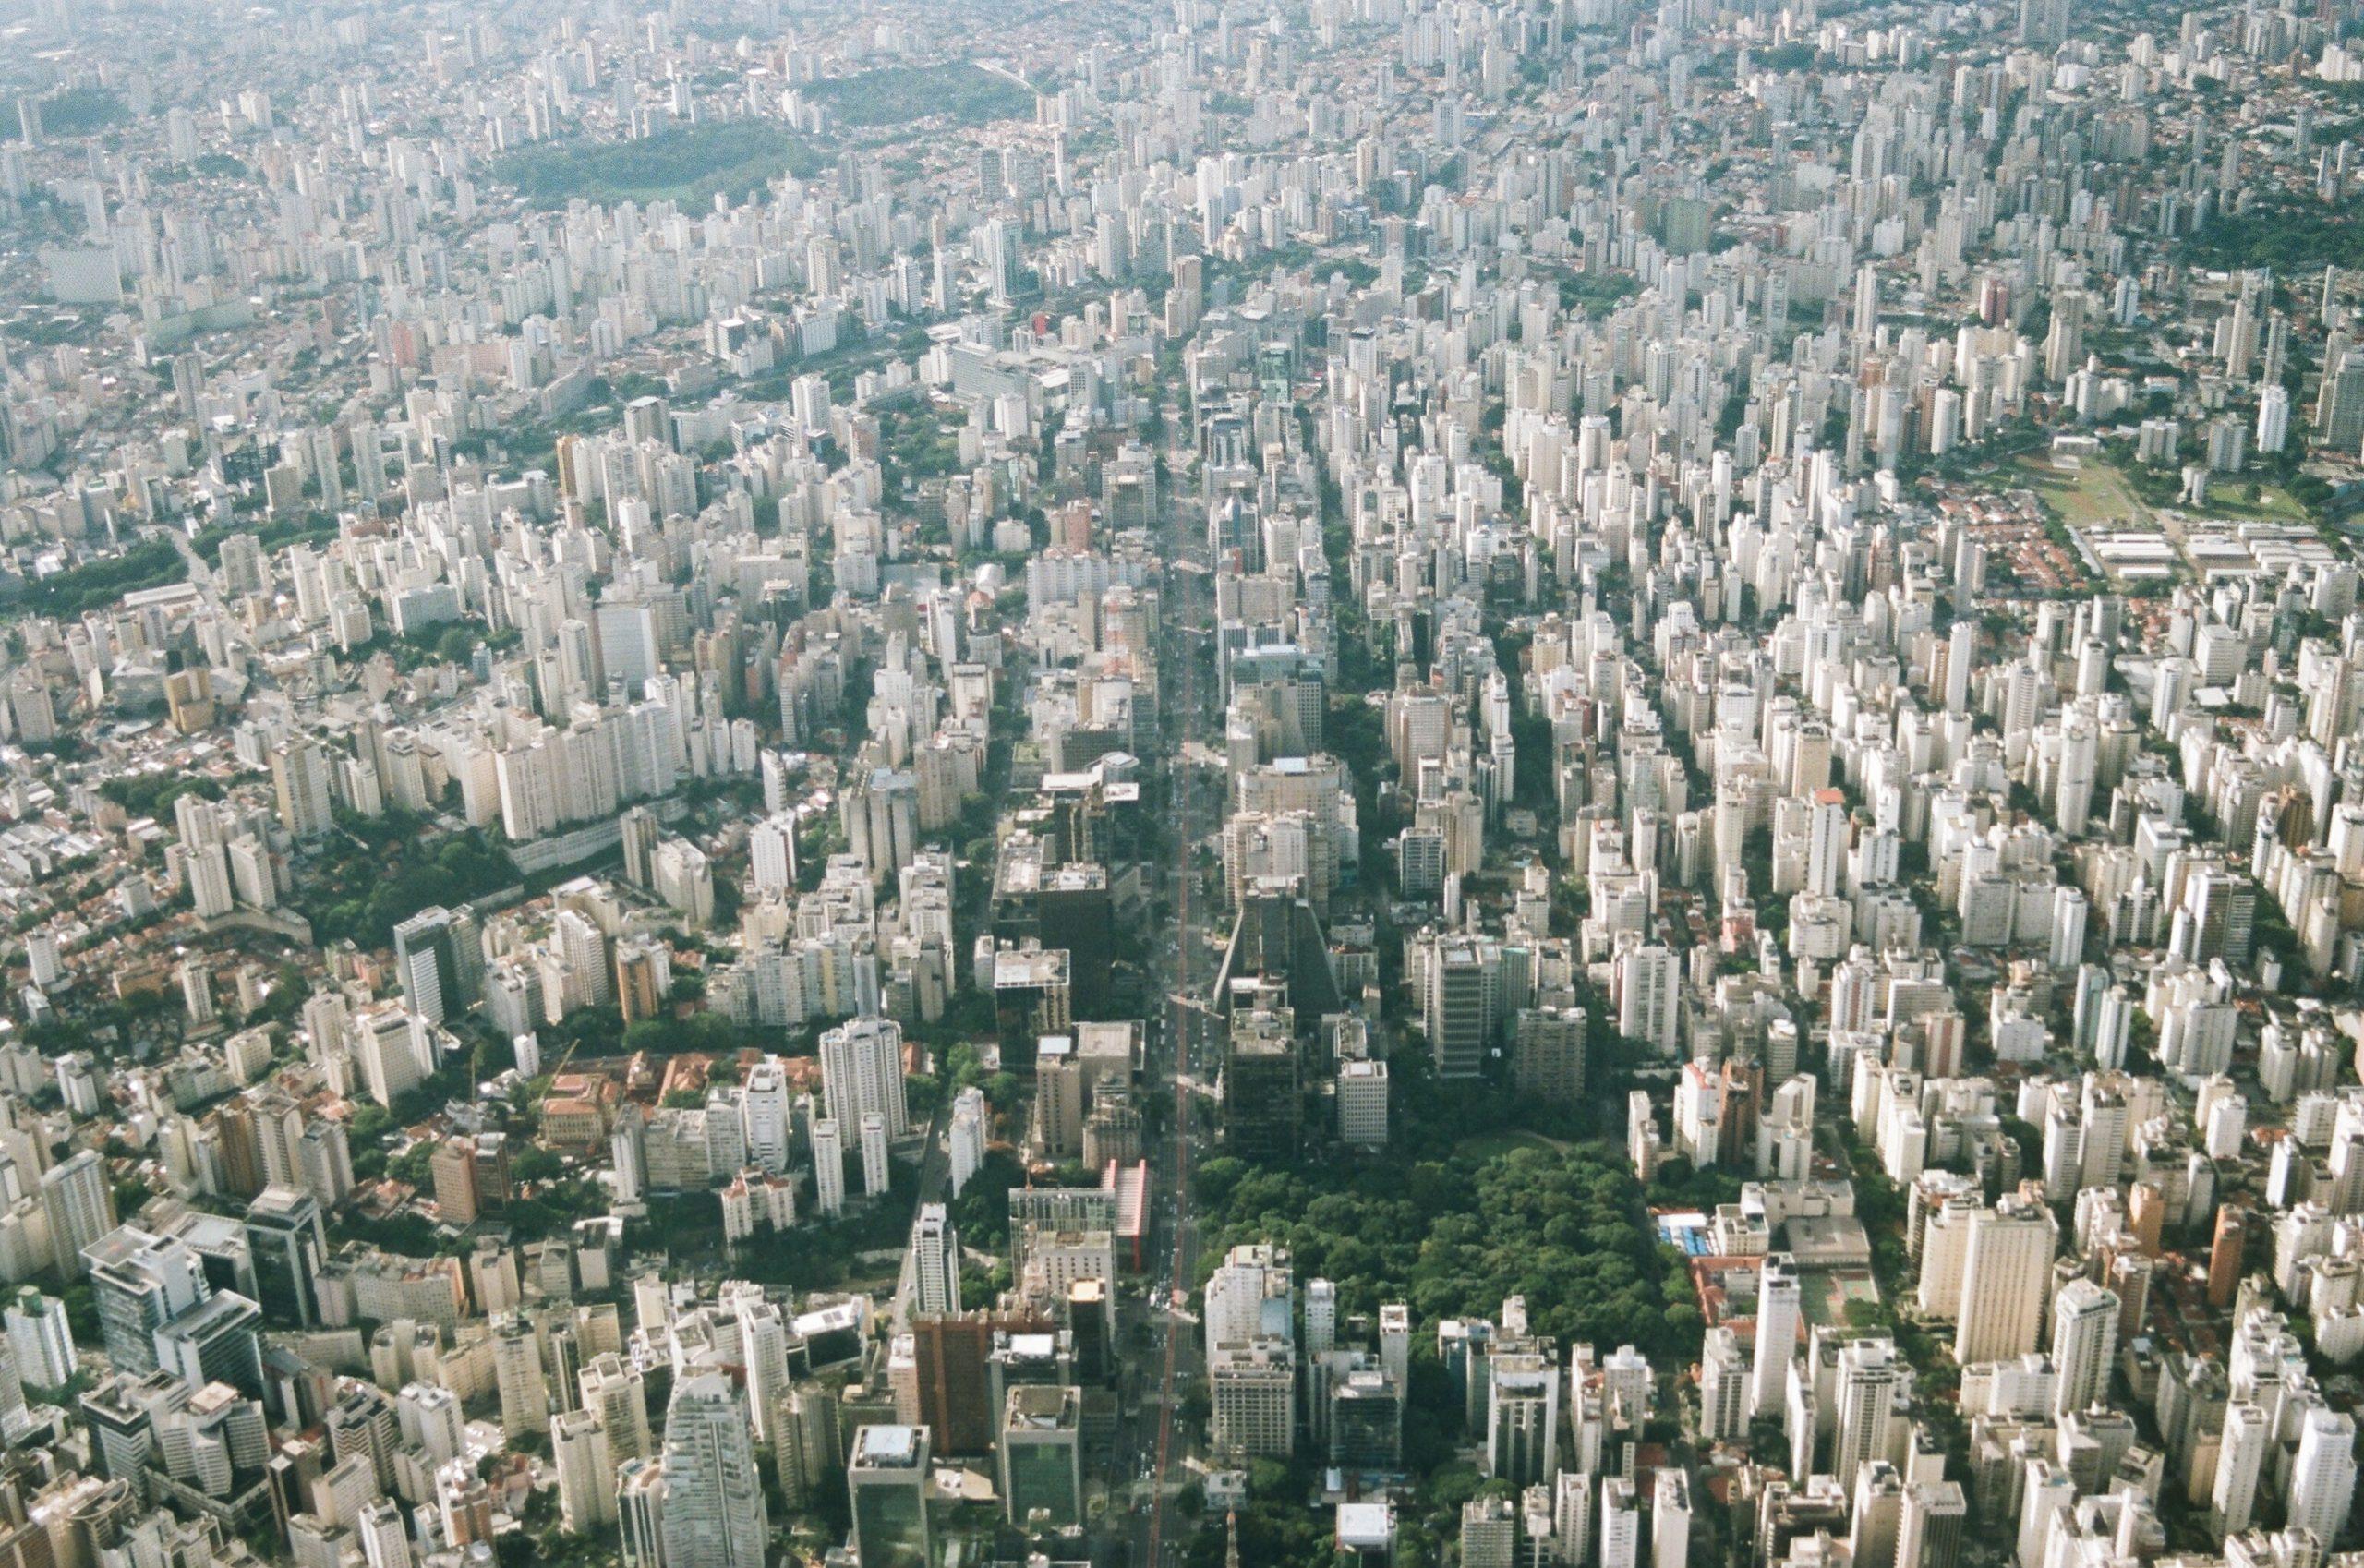 cidade de sao paulo vista aérea urbanismo